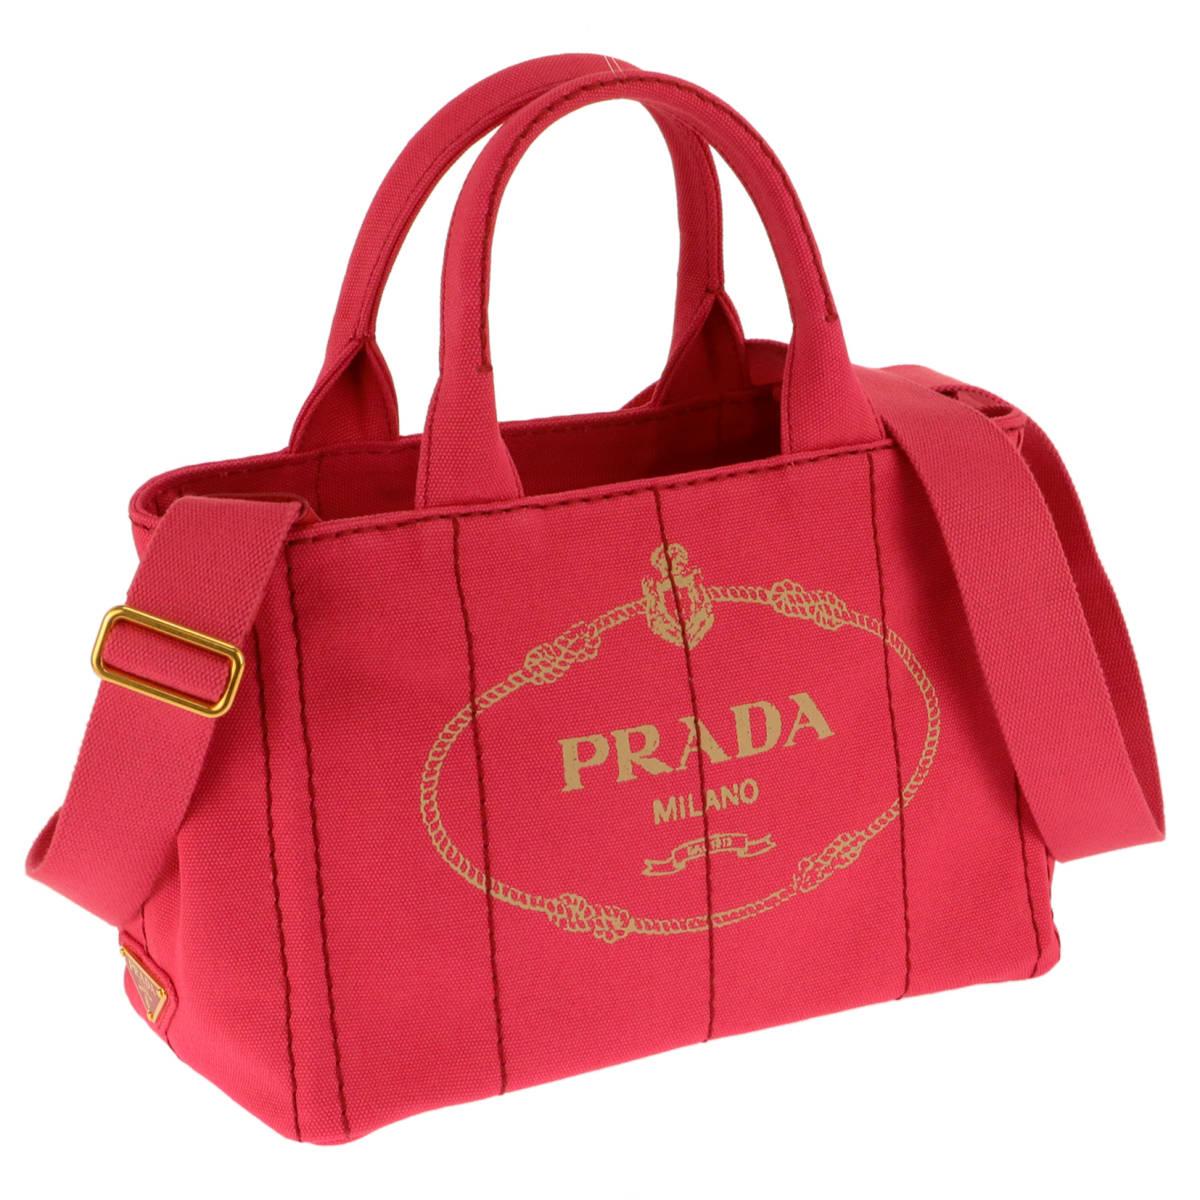 ◆PRADA プラダ◆ 1BG439 CANAPA/PEONIA ハンドバッグ ショルダーバッグ オープン式 レディース 送料無料 【アウトレット】